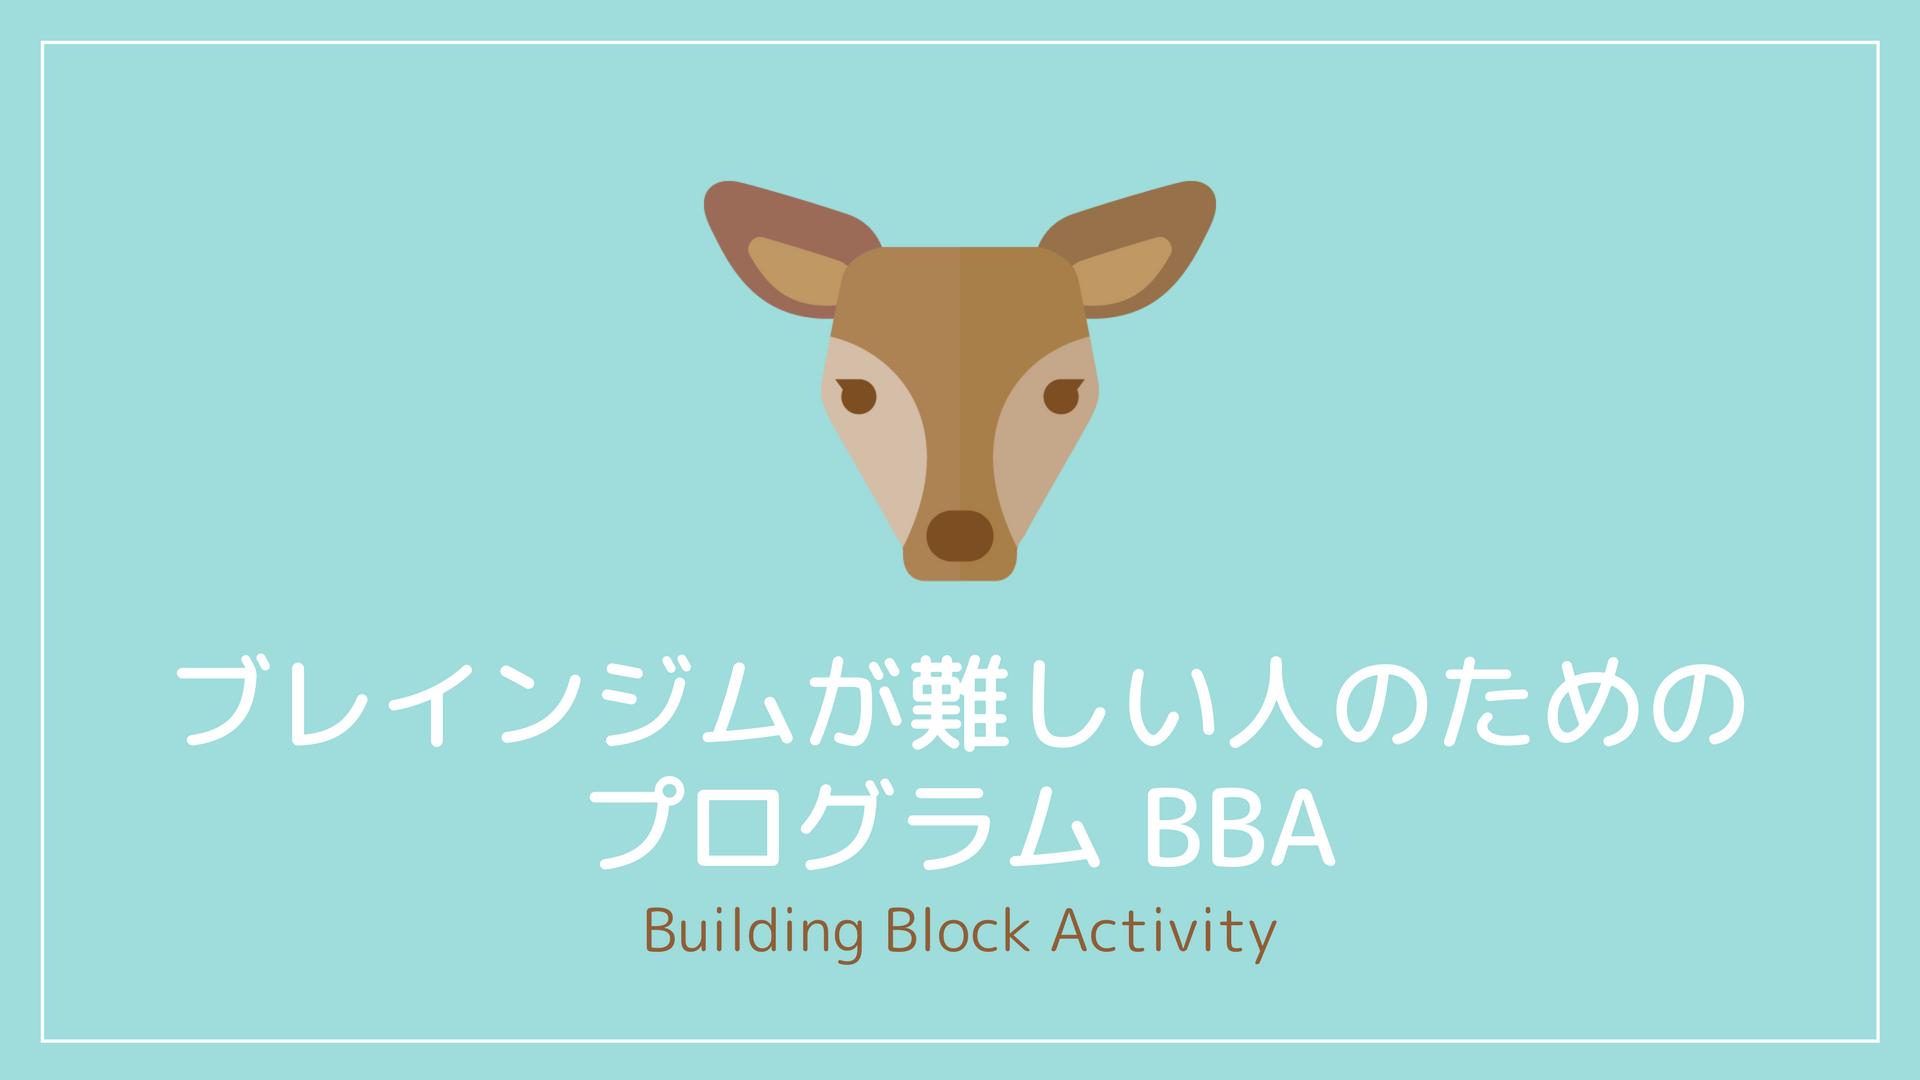 学ぶのがより楽になる!ビルディング・ブロック・アクティビティ(BBA)